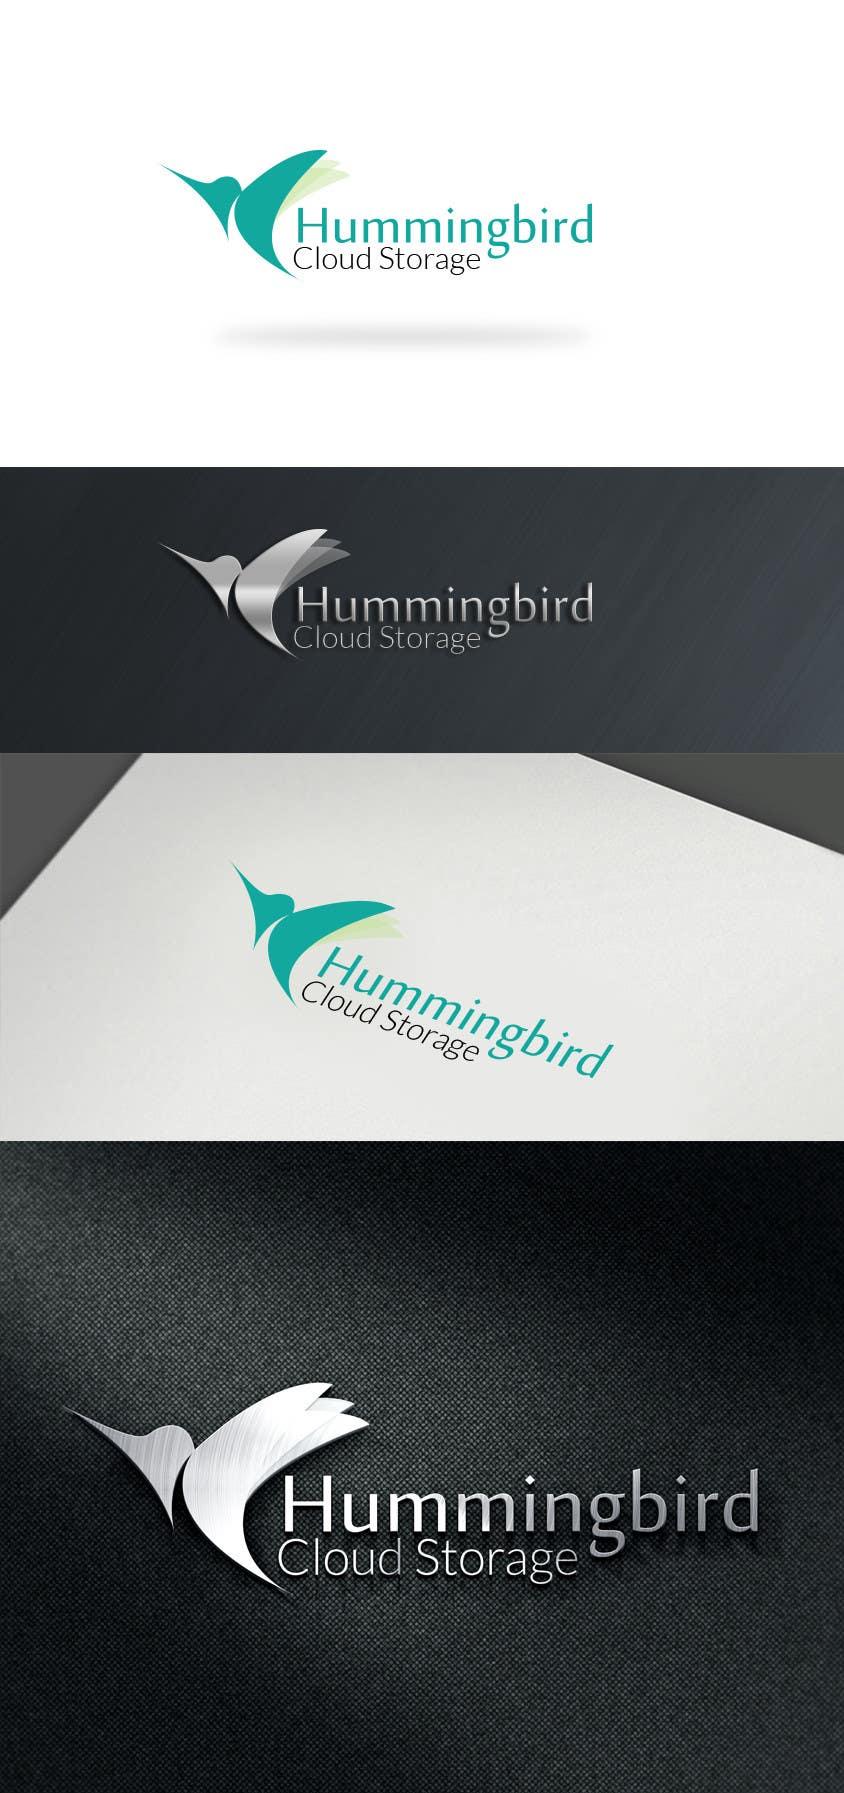 Bài tham dự cuộc thi #37 cho Hummingbird Cloud Storage Logo